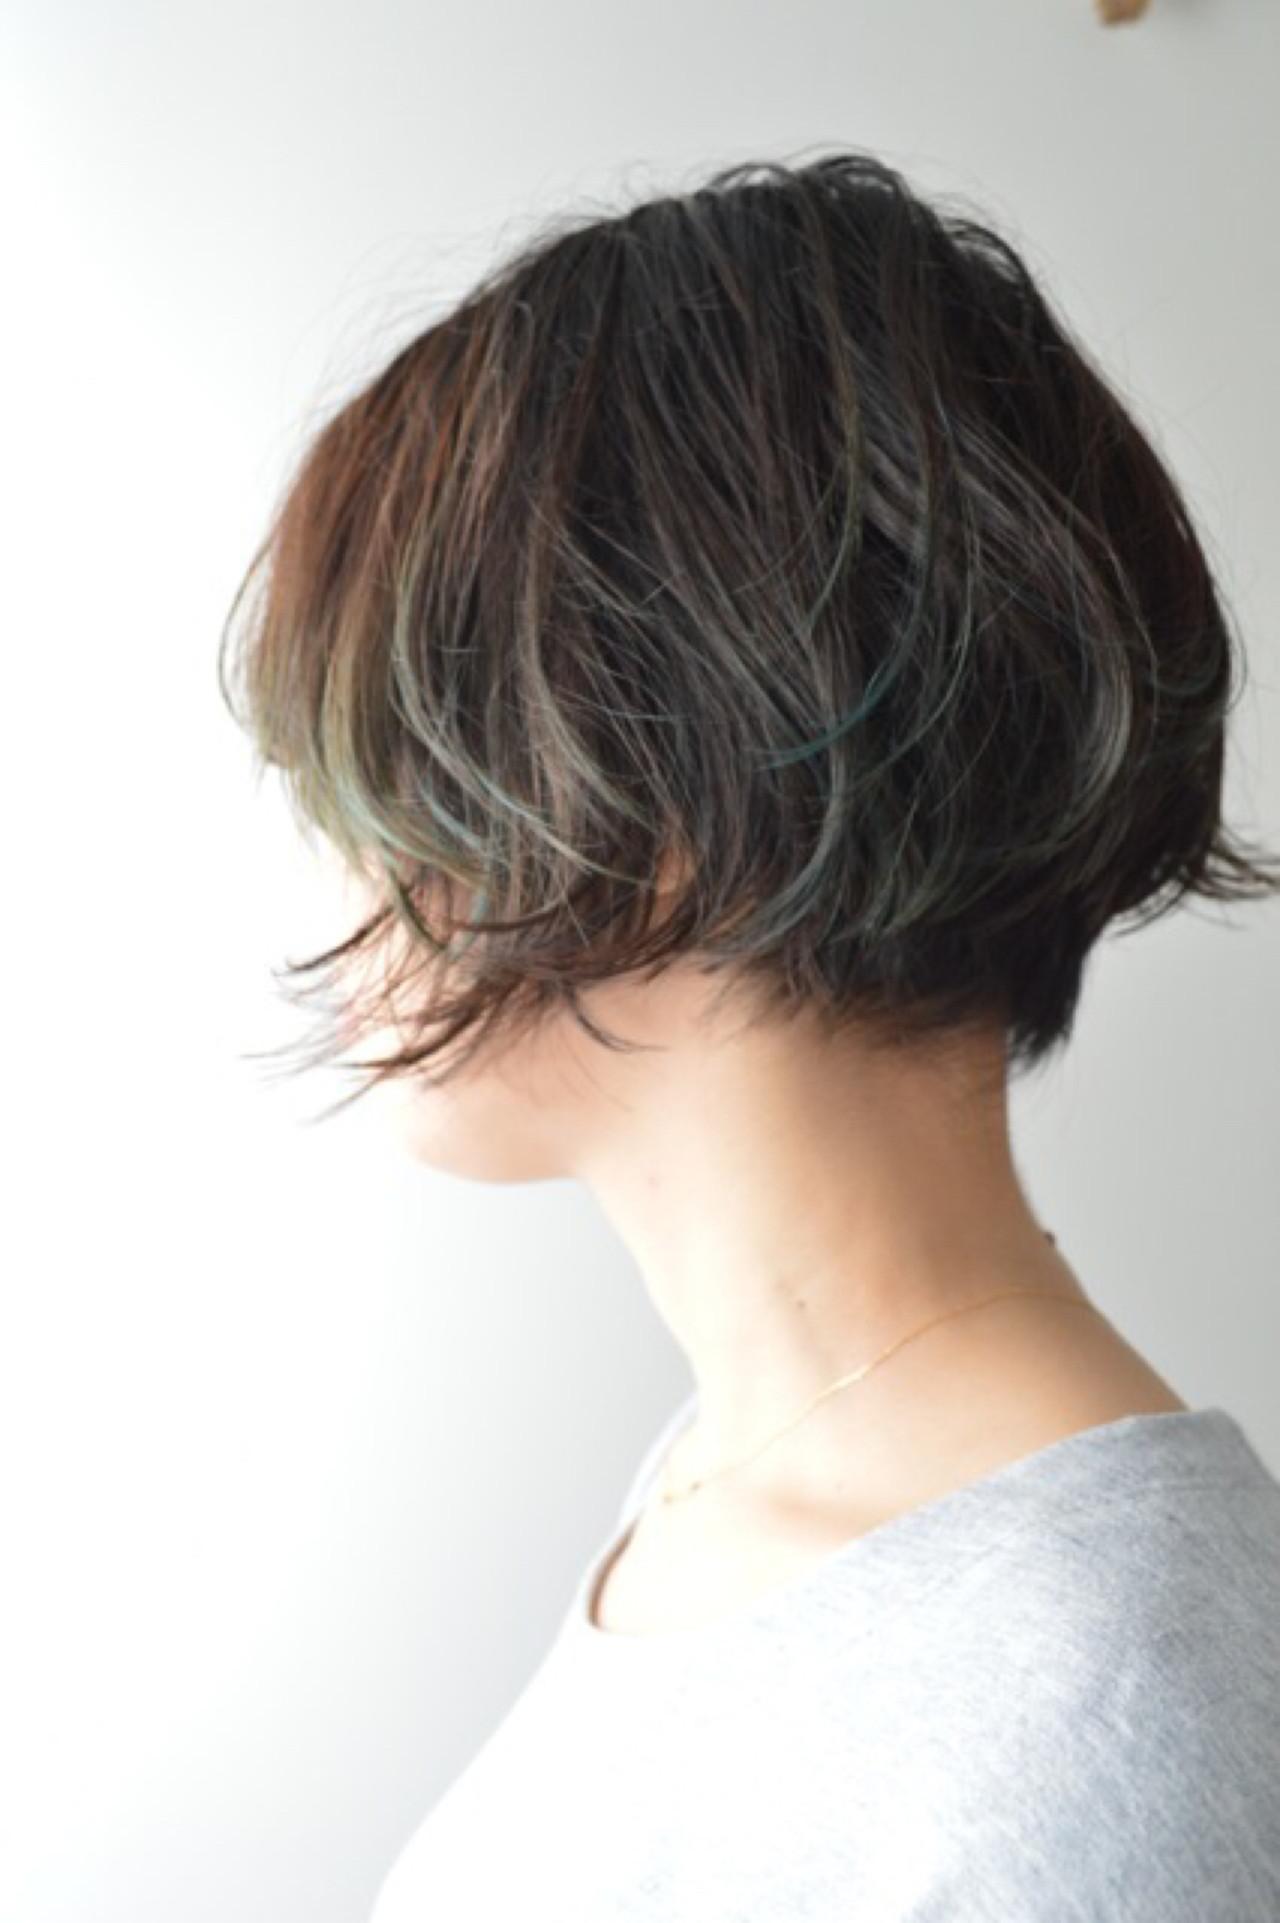 アウトドア ナチュラル ショート アッシュヘアスタイルや髪型の写真・画像